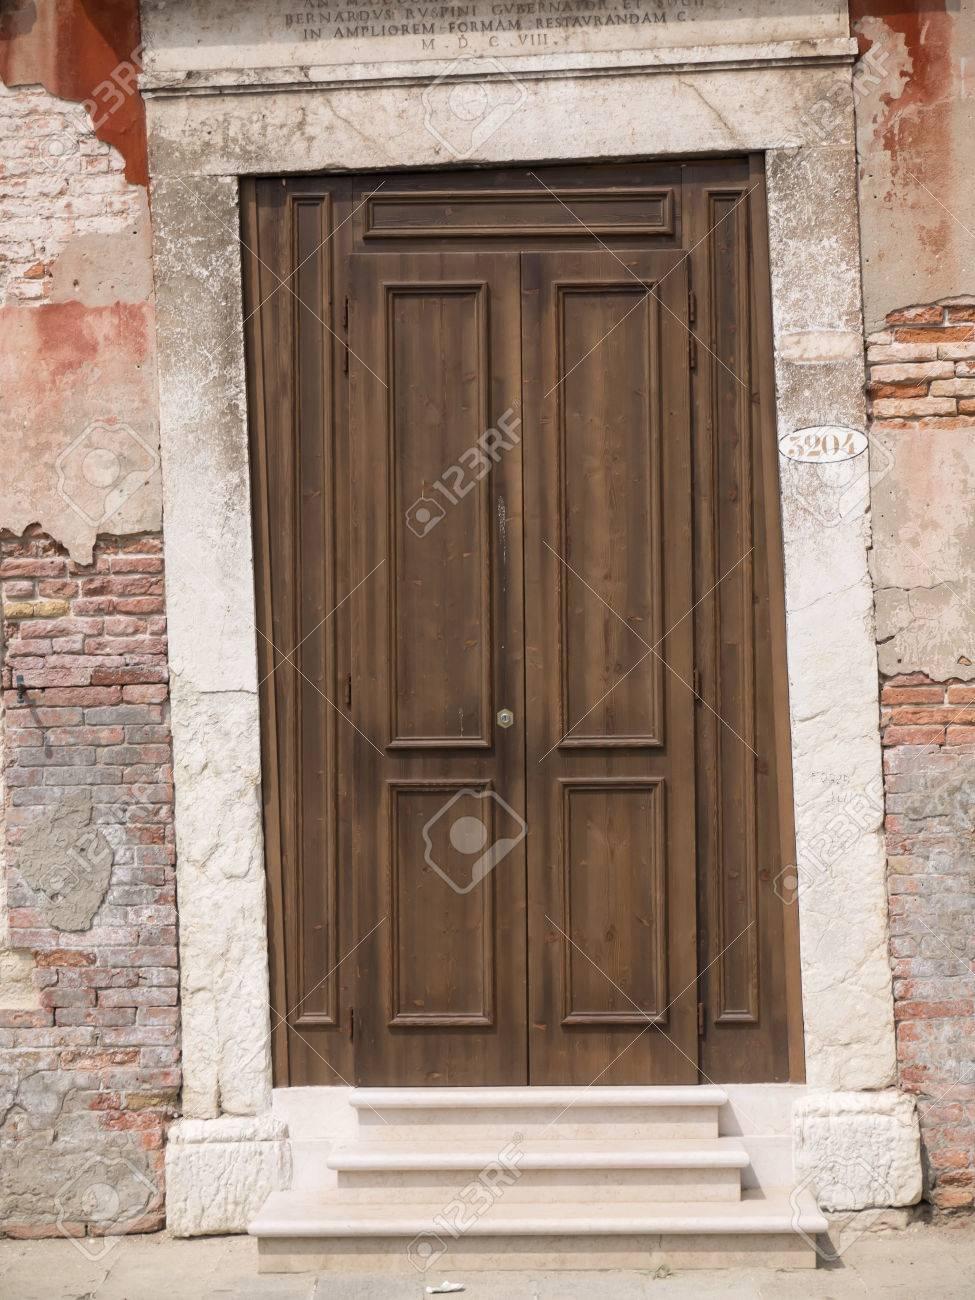 Wooden door fitted into crooked doorpost from 17th century Stock Photo - 25876224 & Wooden Door Fitted Into Crooked Doorpost From 17th Century Stock ...